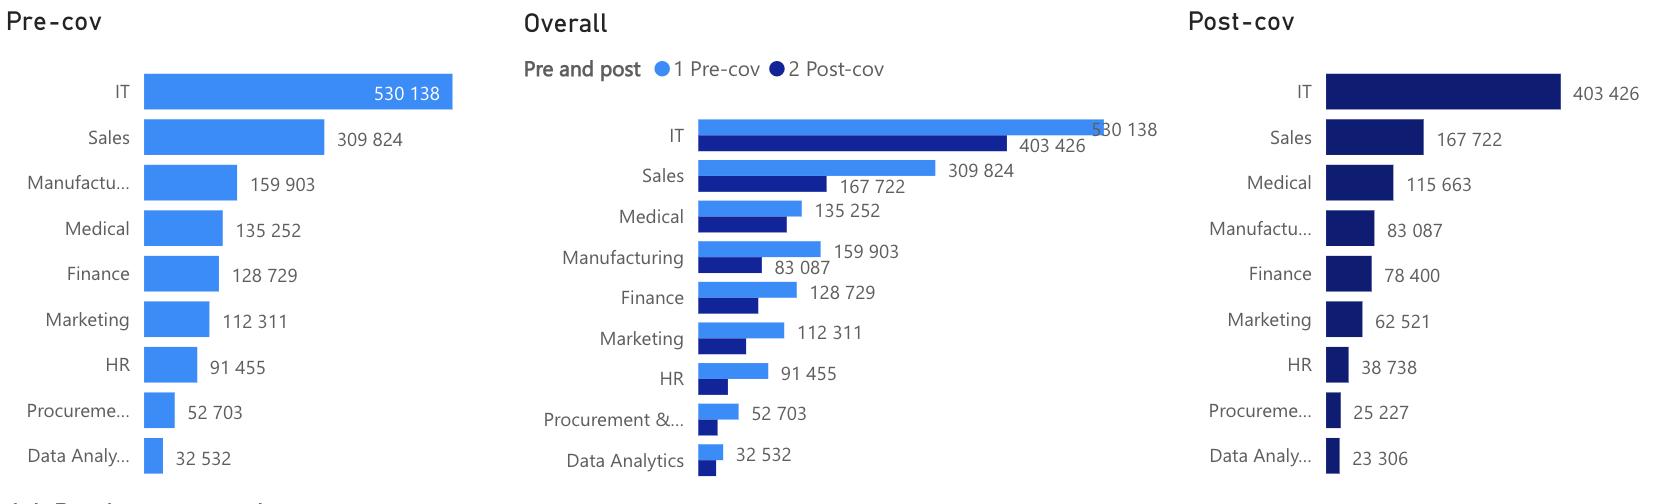 Job postings per week by job families